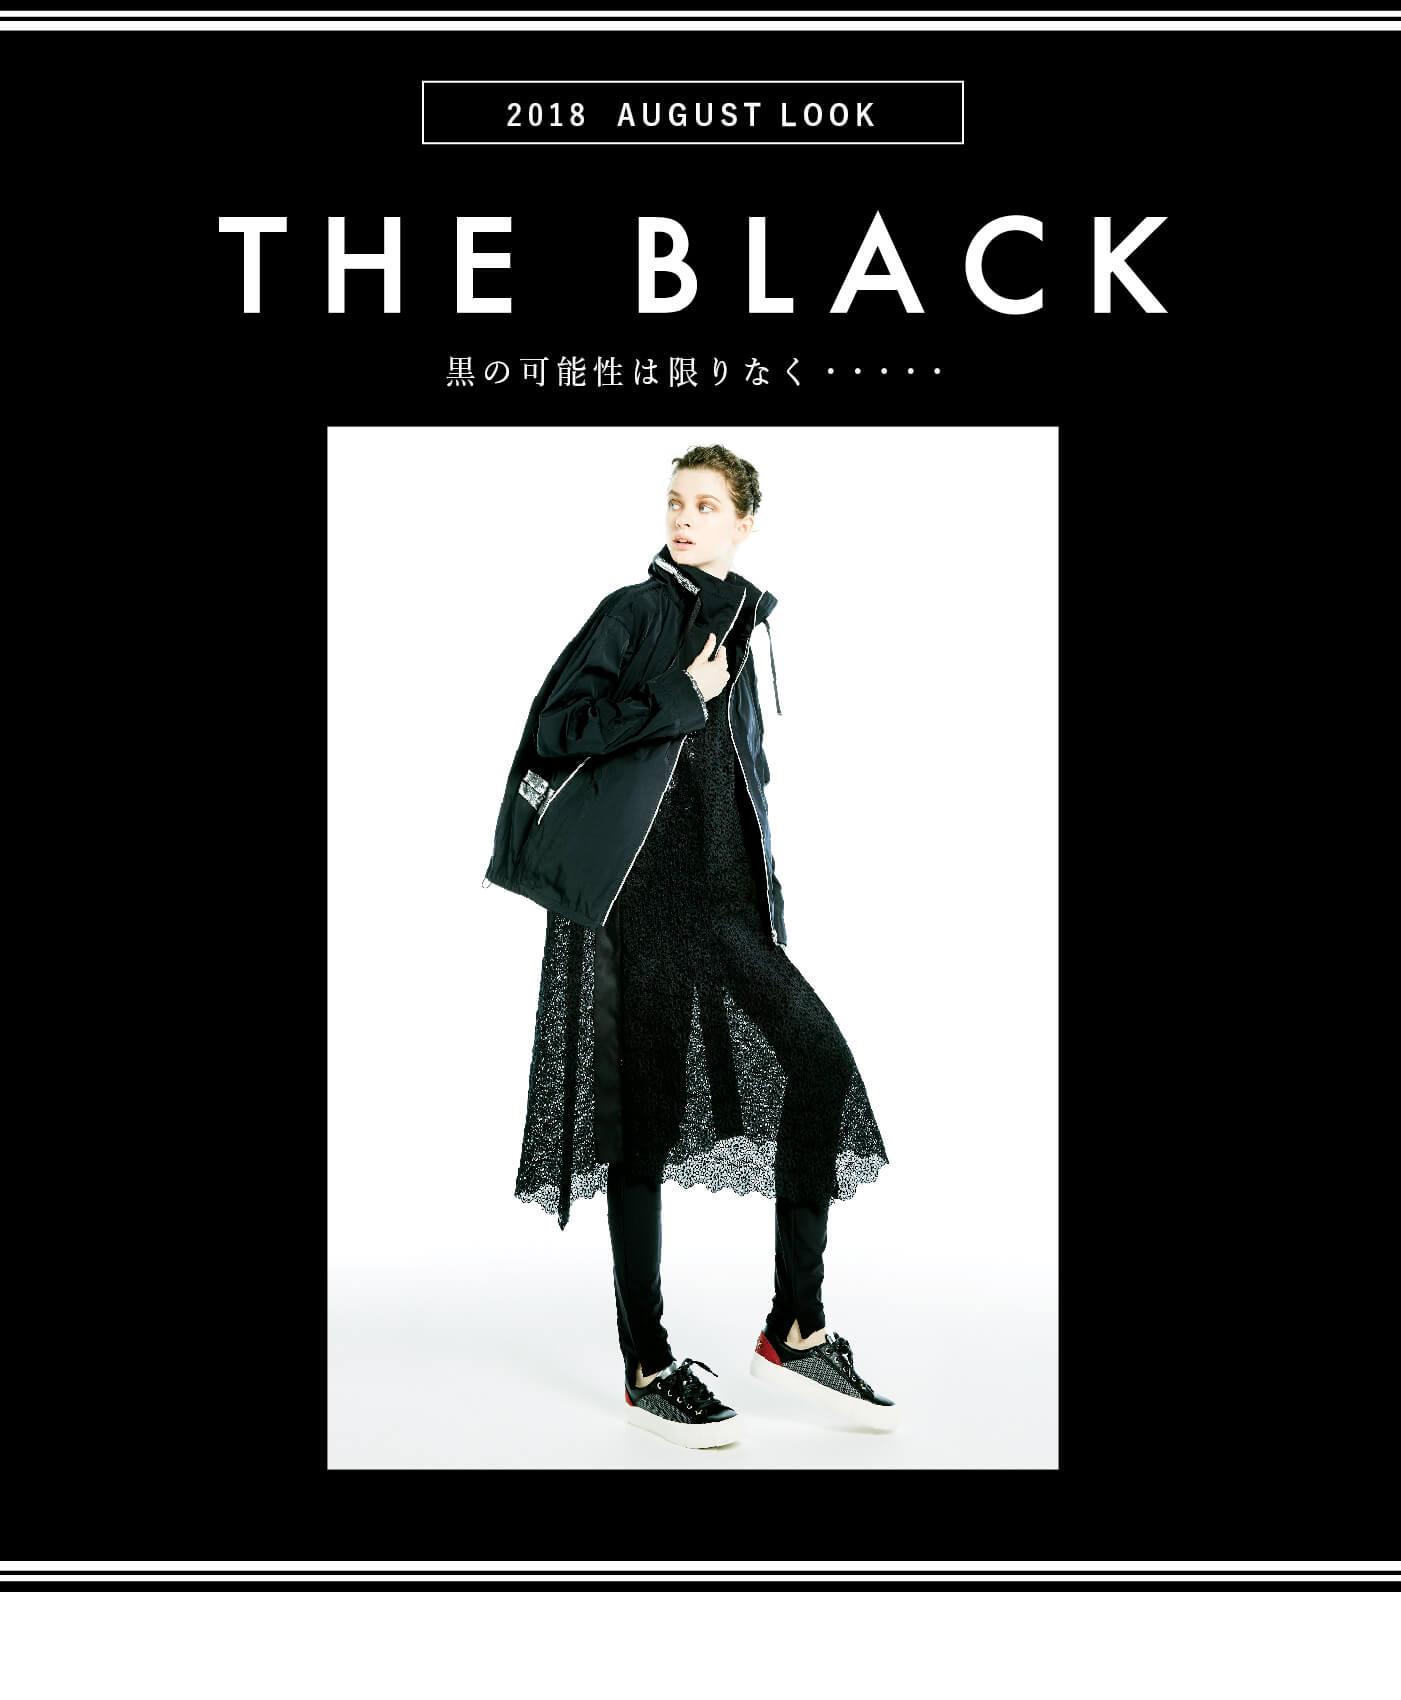 THE BLACKタイトルバナー